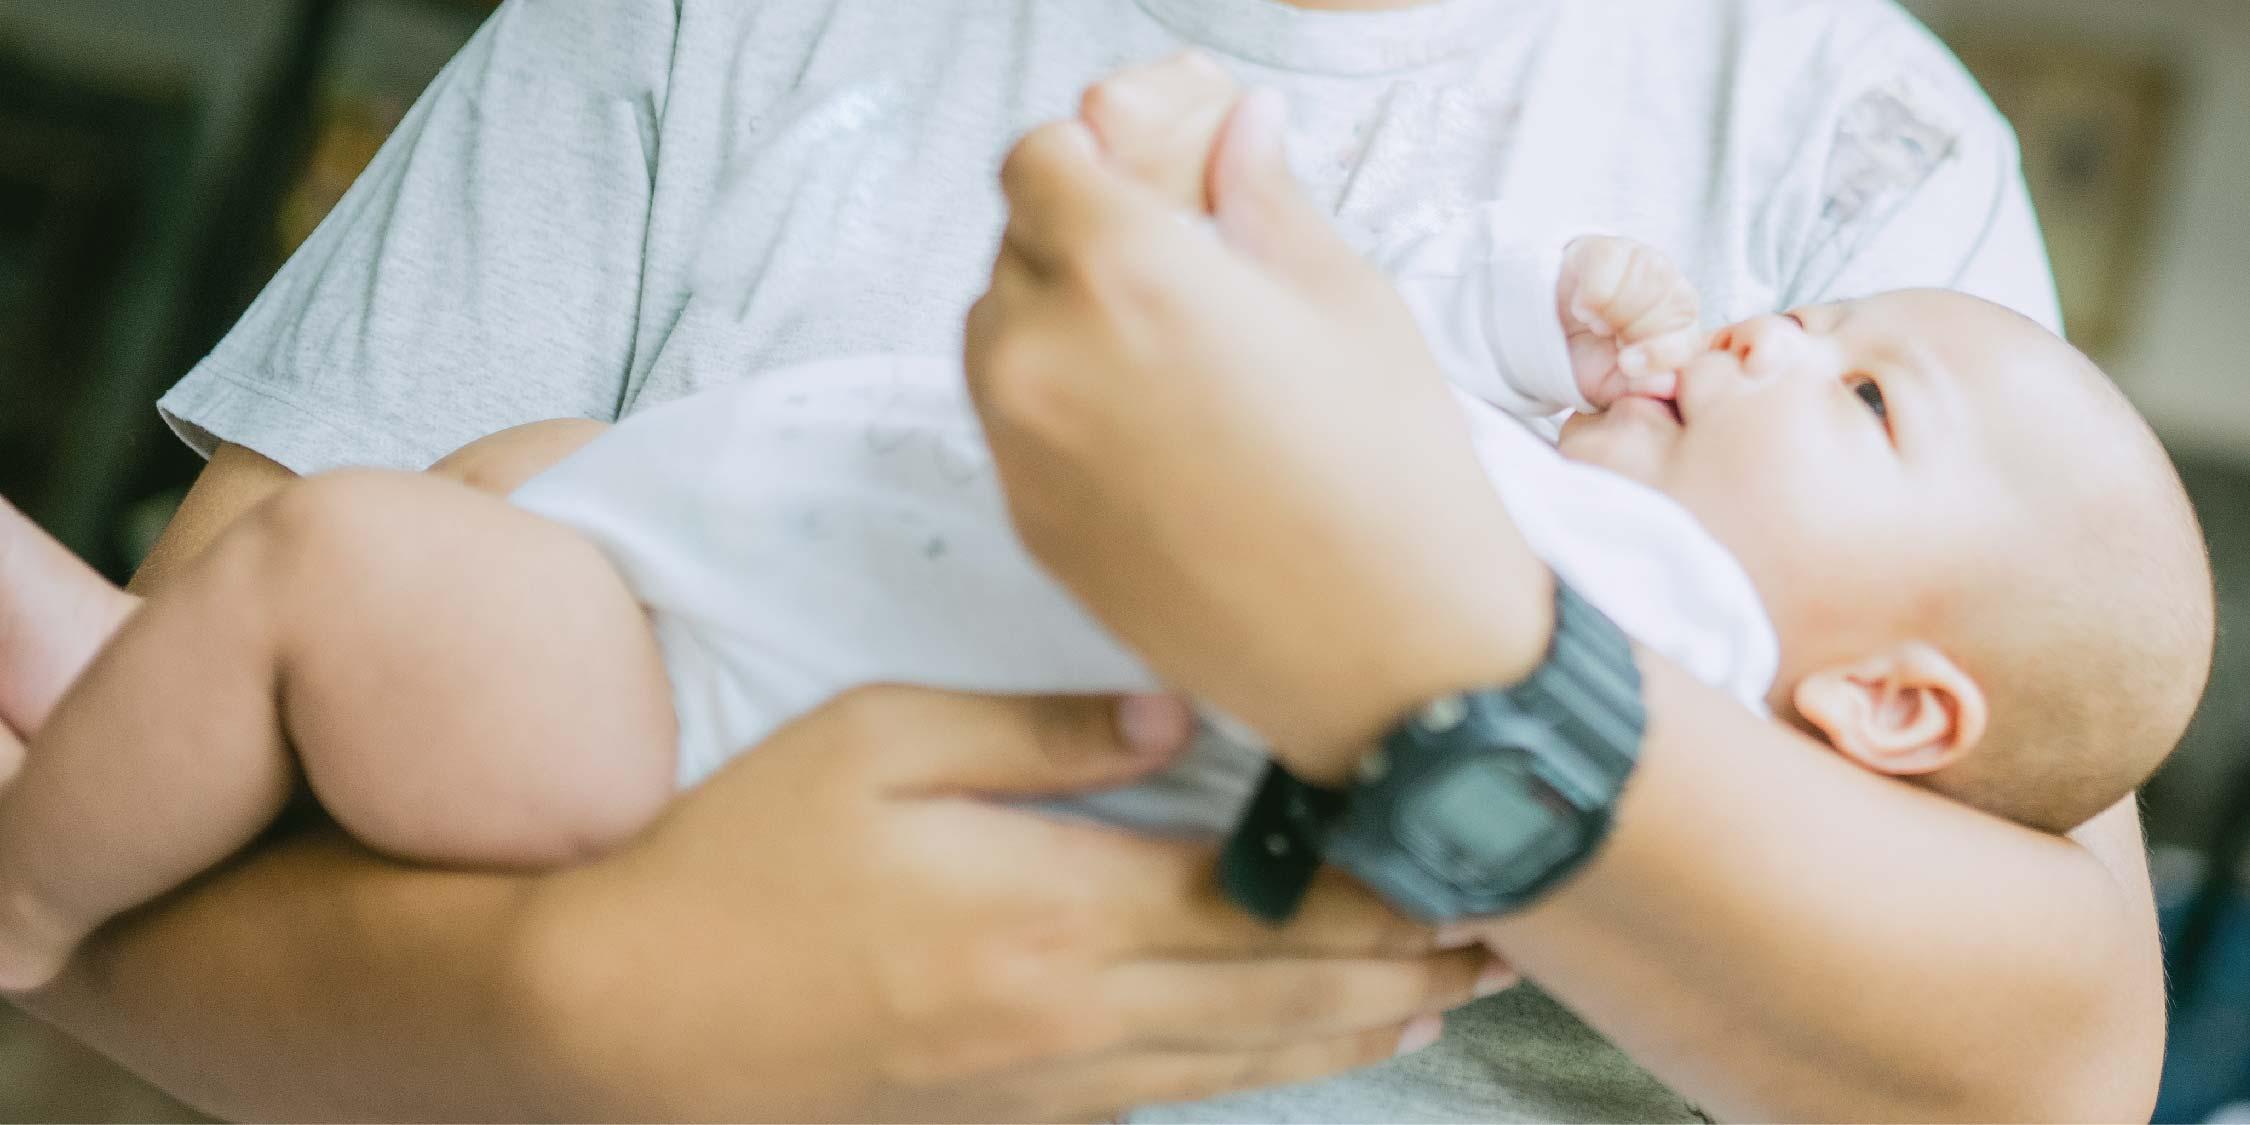 Cara Menggendong Bayi Baru Lahir, Perhatikan Bagian Leher ...